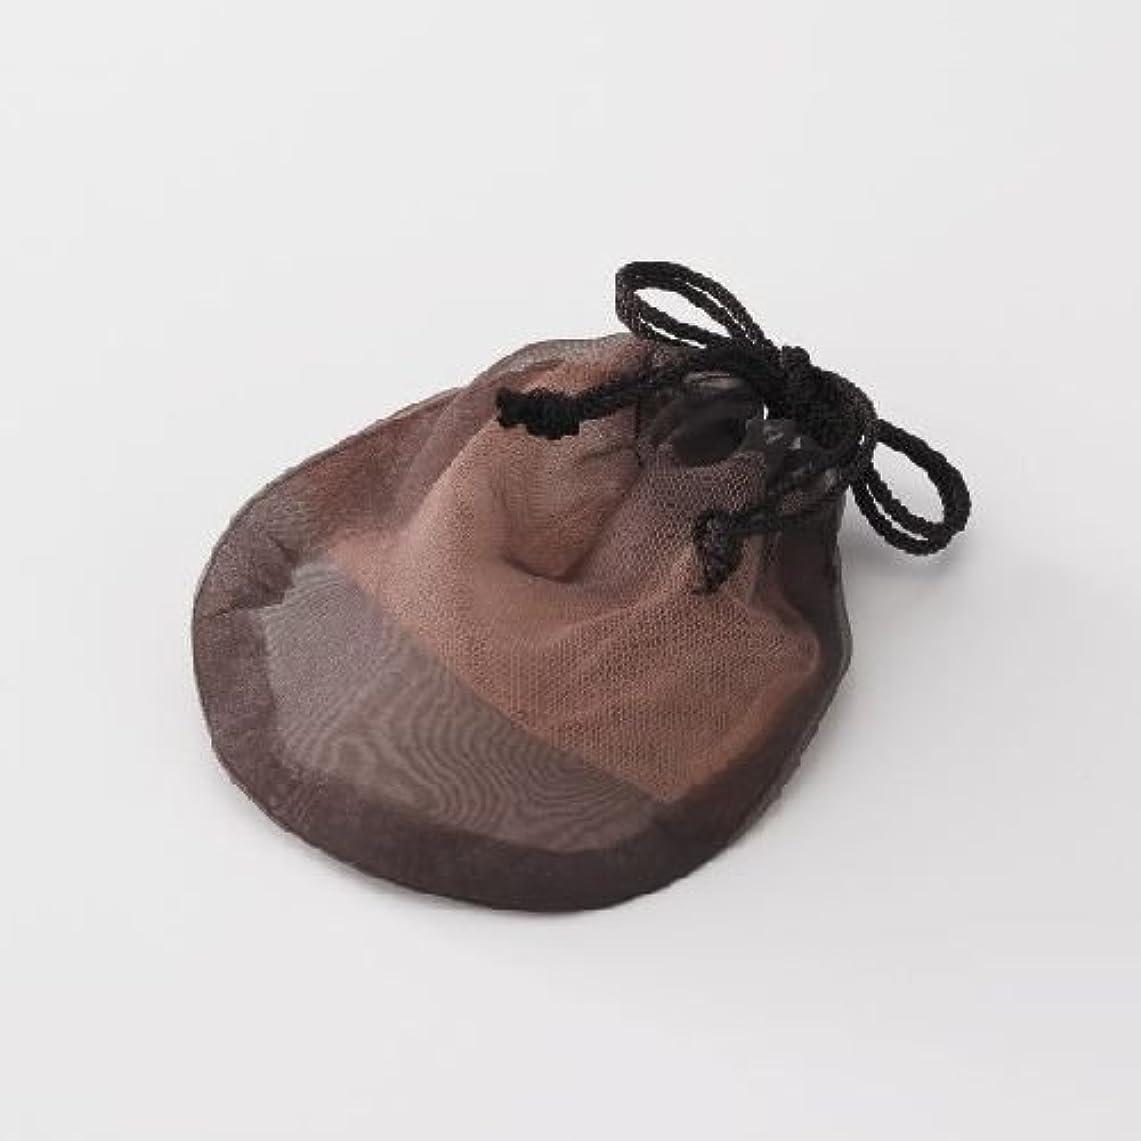 気づく酸度うるさいピギーバックス ソープネット 瞬時にマシュマロのようなお肌に負担をかけないキメ細かな泡をつくることができるオシャレなポーチ型オリジナル【泡だてネット】!衛生的に固形石鹸の保存もできます。